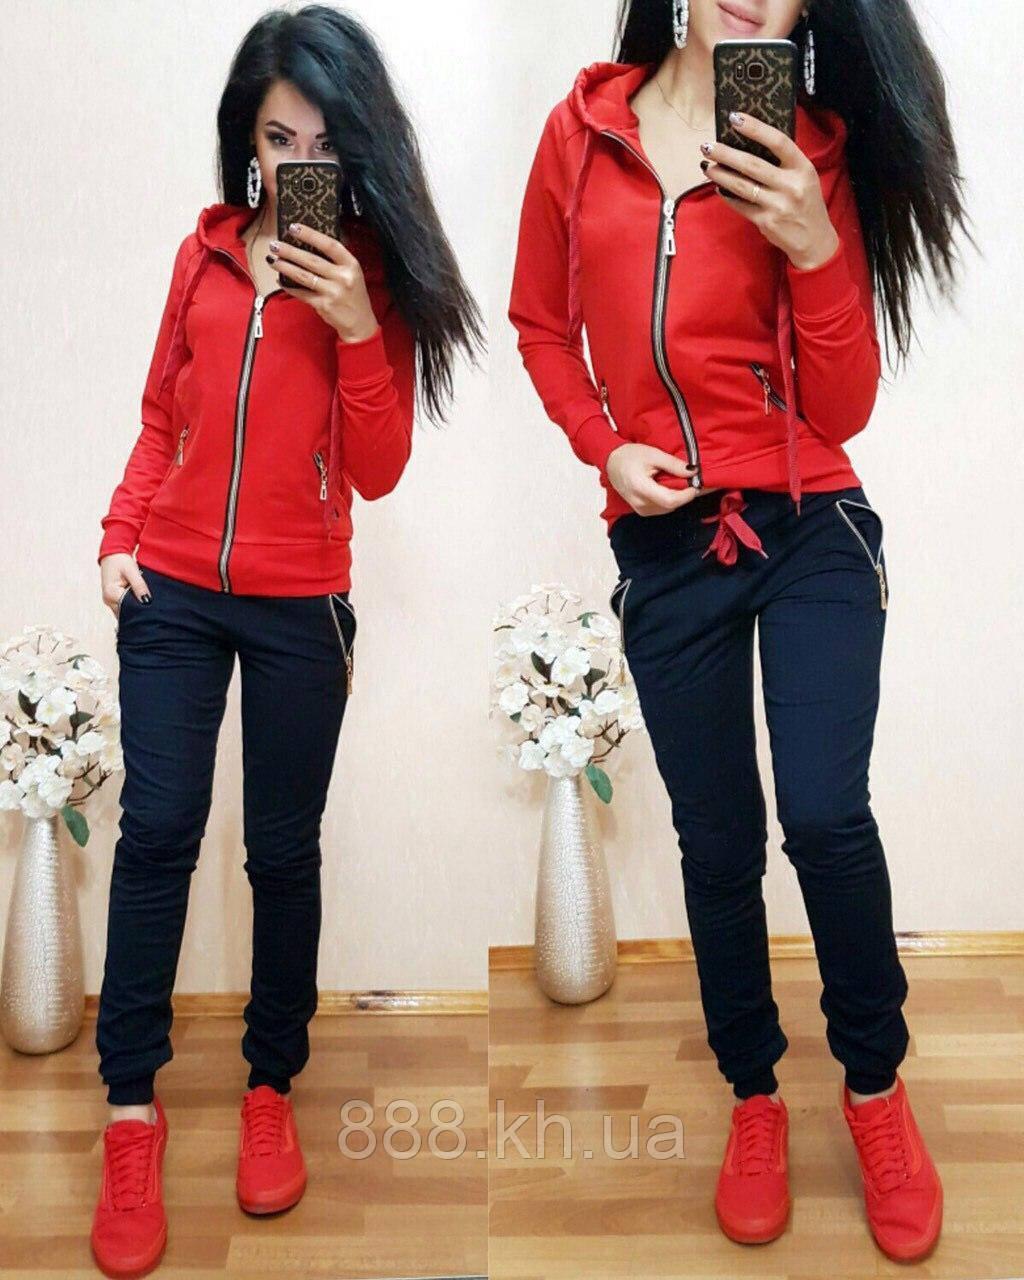 Женский спортивный костюм на змейке размер XL (48) красный / темно-синий Супер цена! 1 шт в наличии